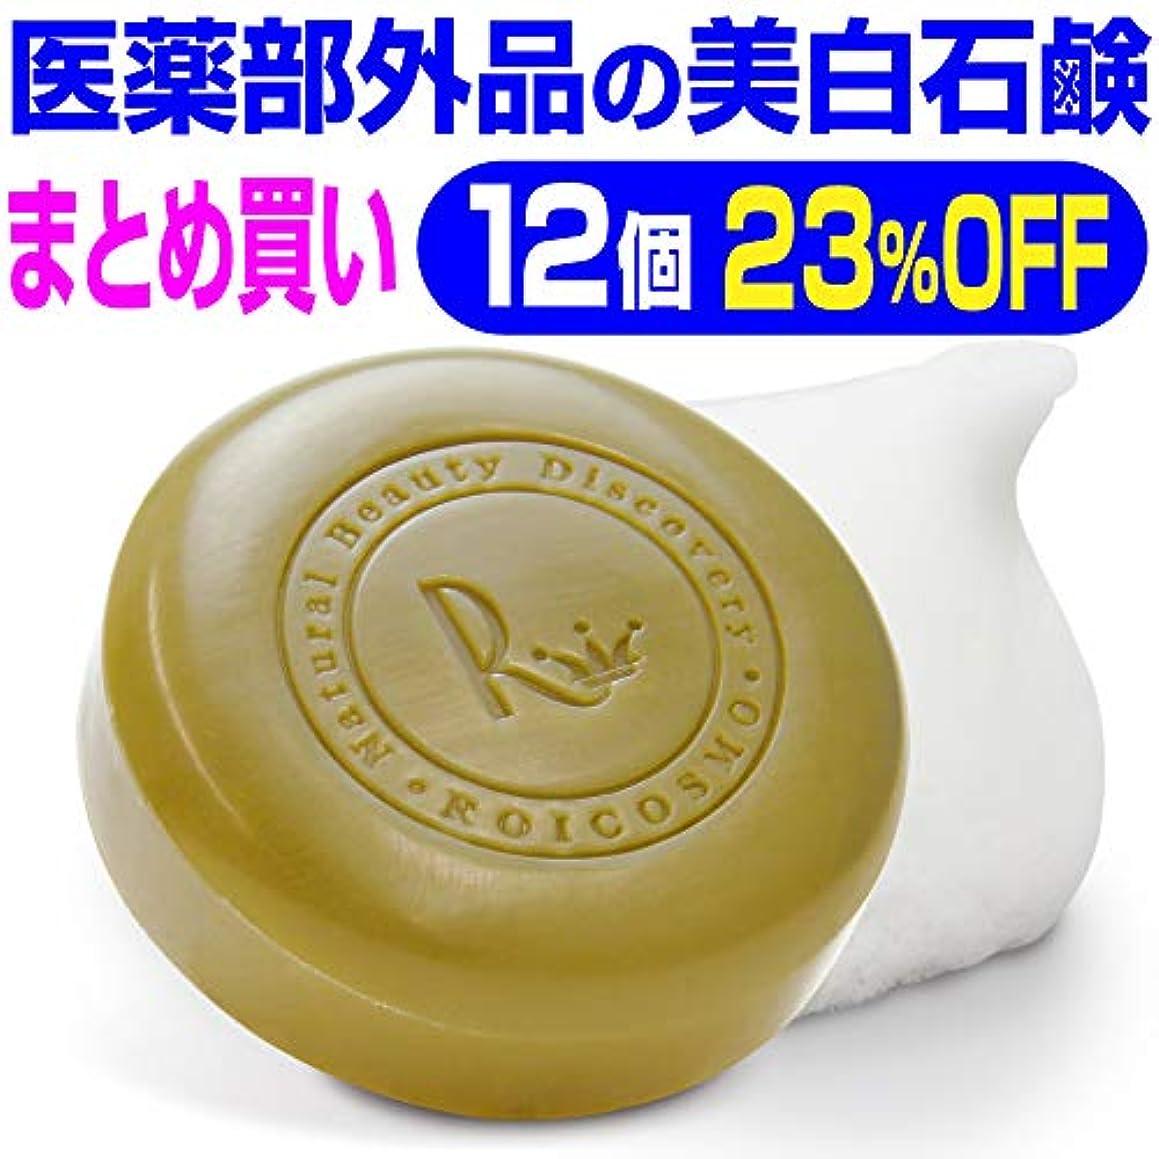 アラームバルブランク12個まとめ買い23%OFF 美白石鹸/ビタミンC270倍の美白成分配合の 洗顔石鹸『ホワイトソープ100g×12個』